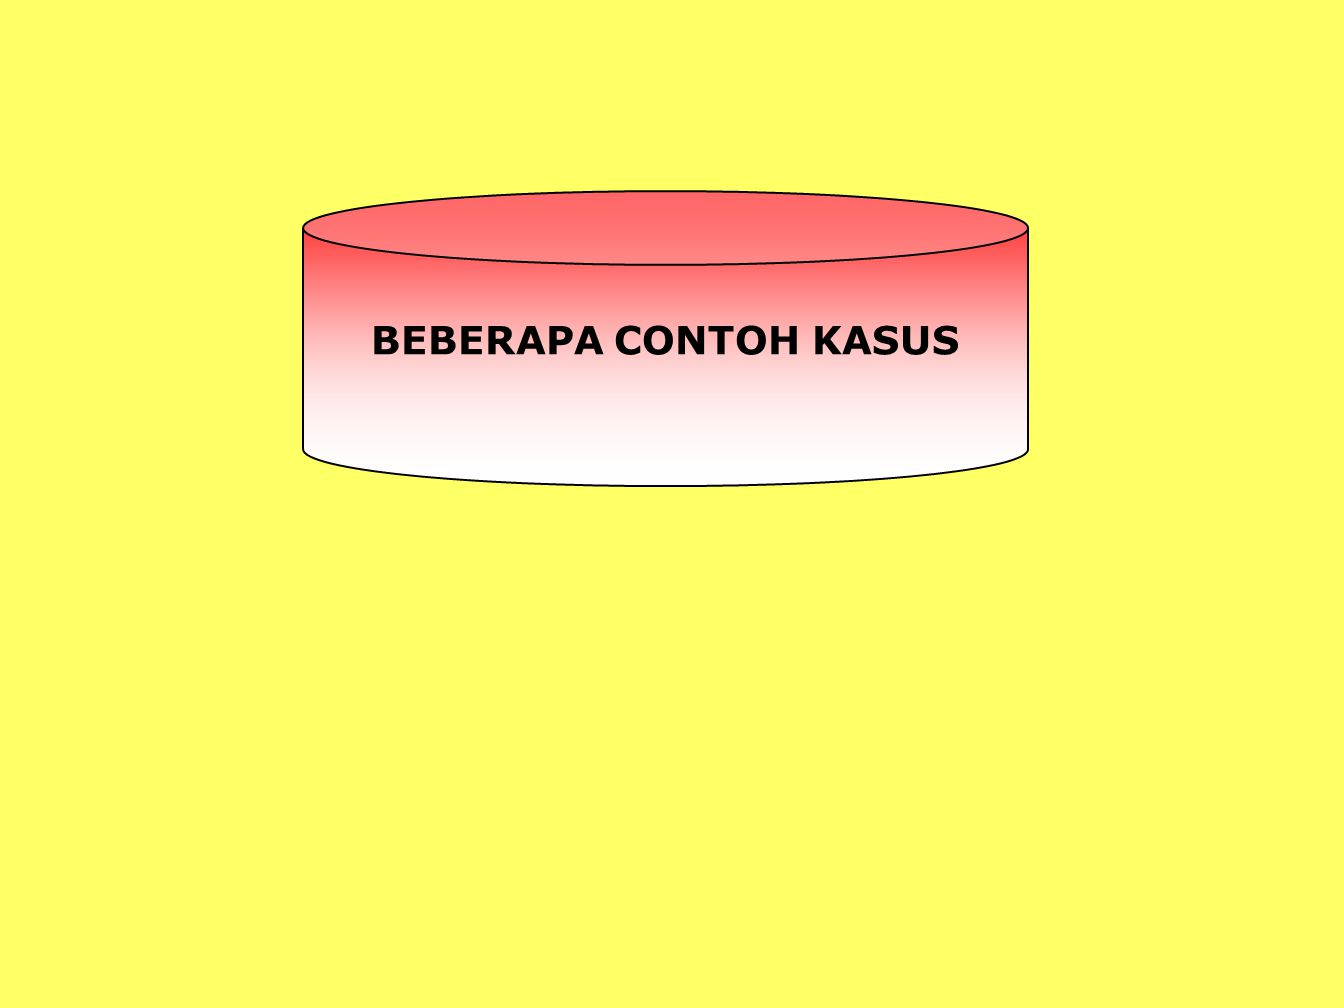 BEBERAPA CONTOH KASUS